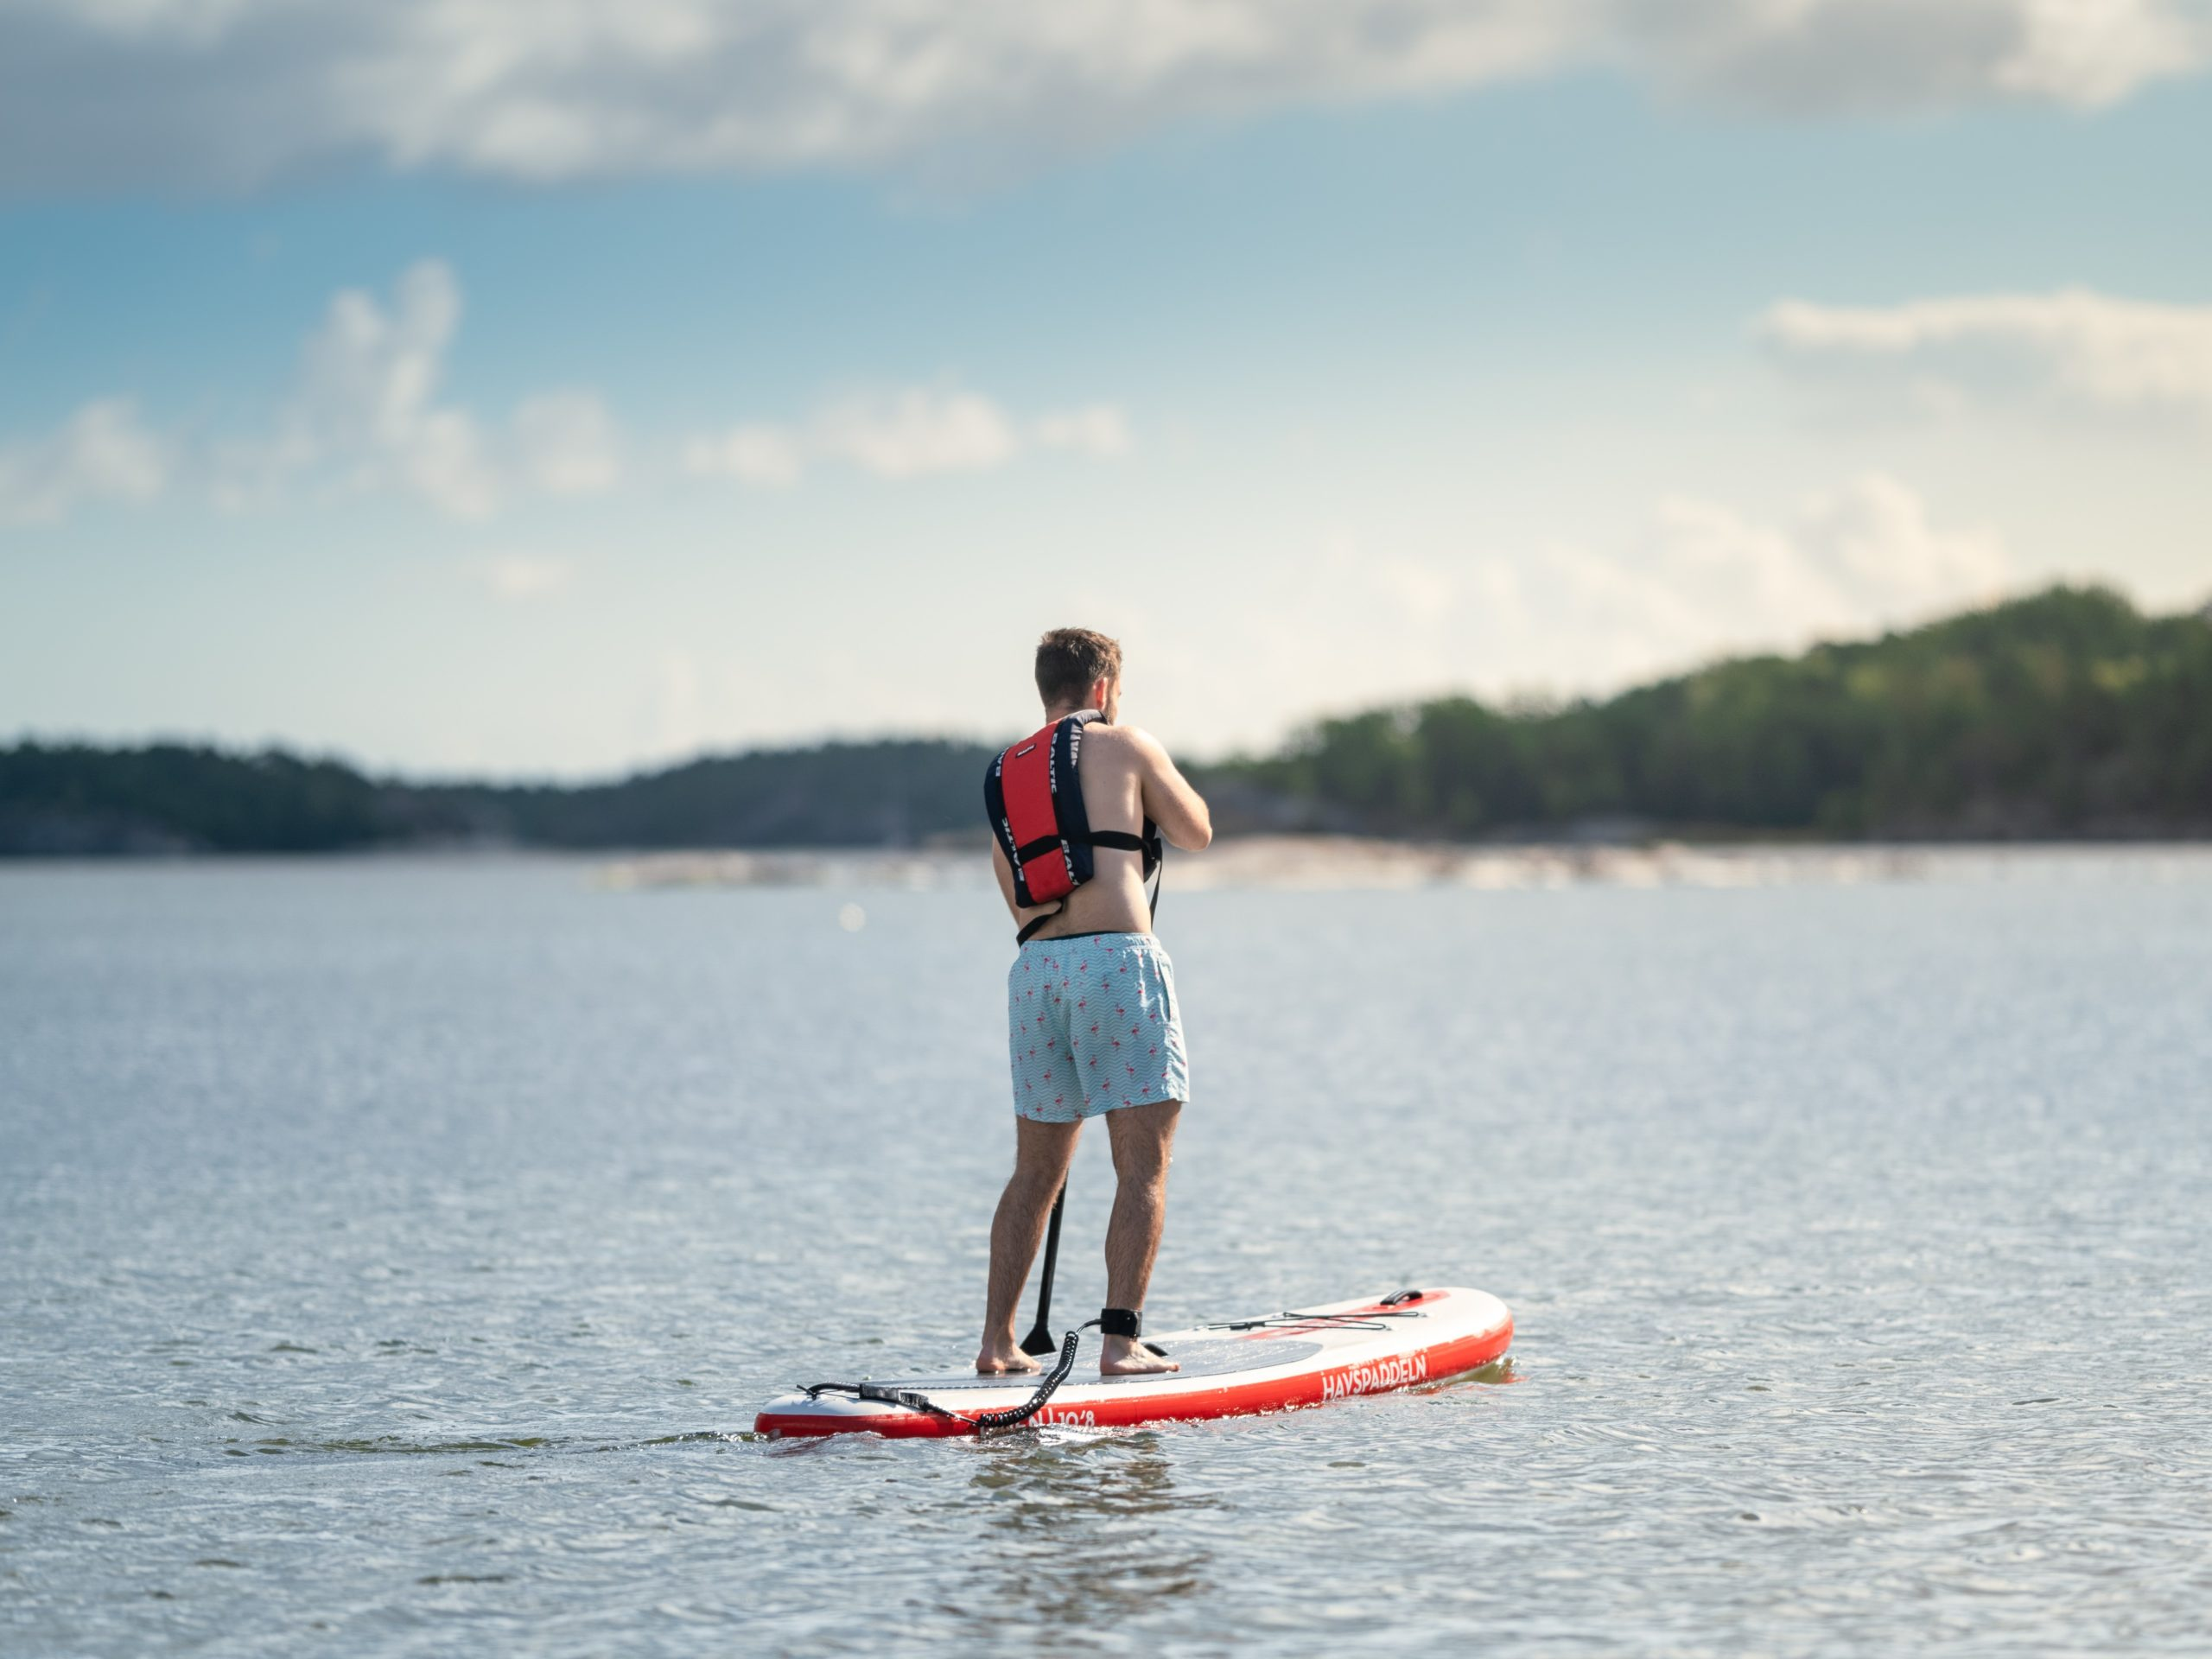 Kille på paddleboard ute på sjön